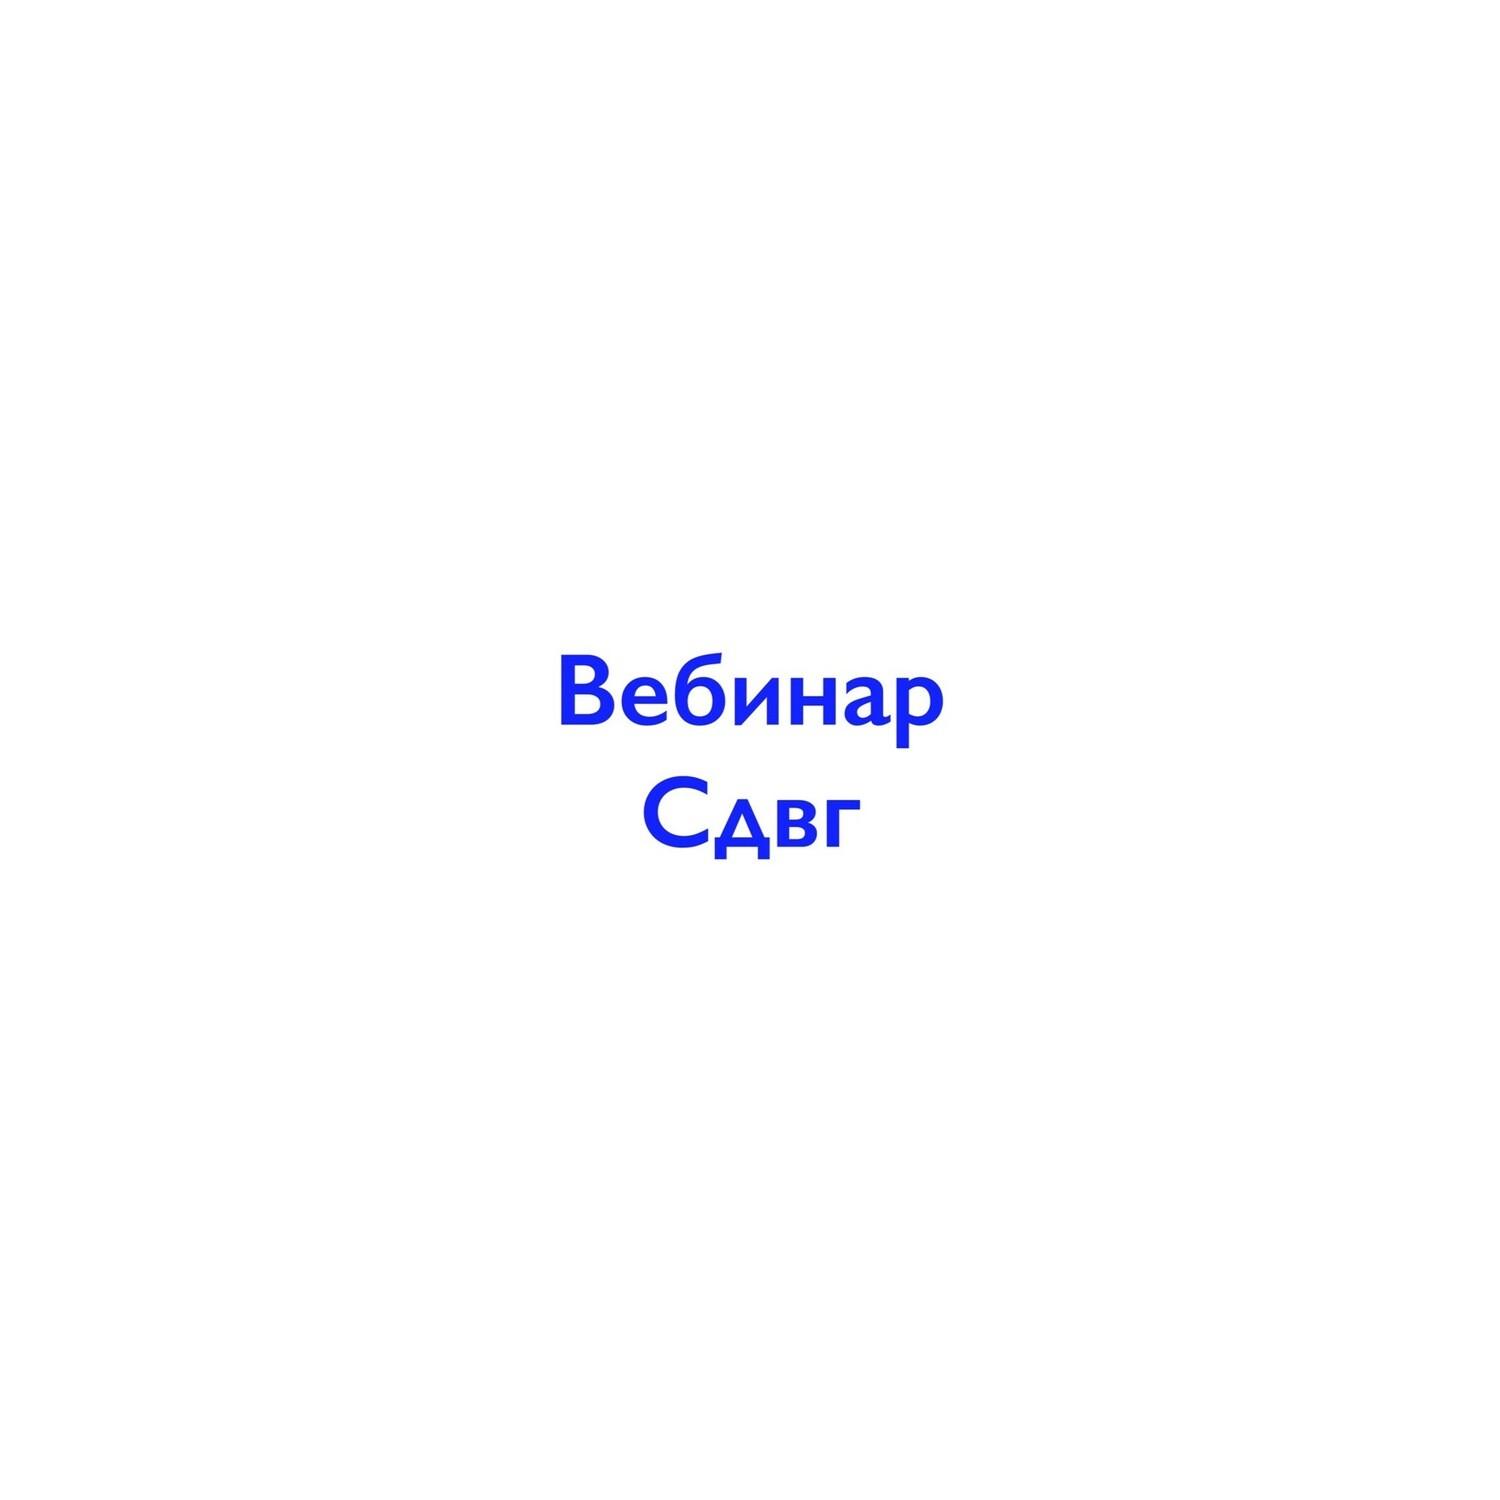 Запись Вэбинара СДВГ